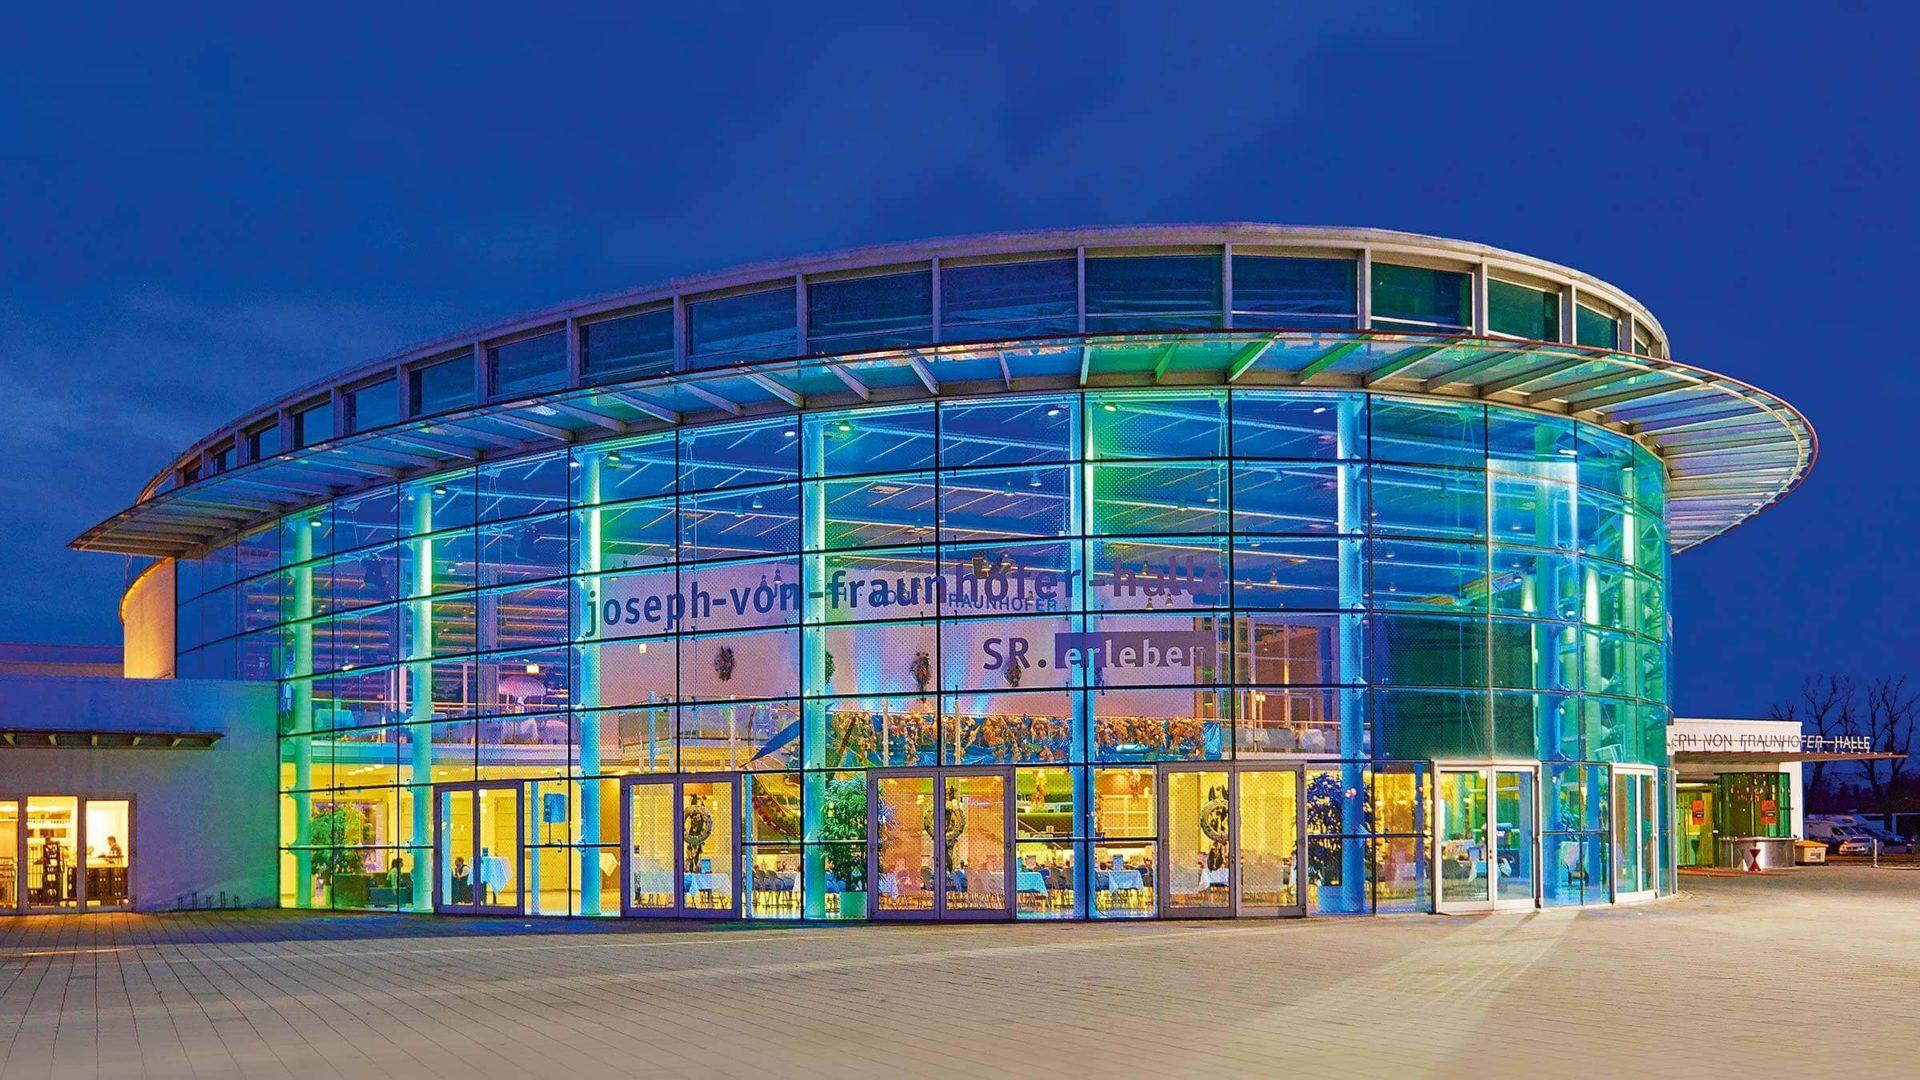 Die Joseph von Fraunhoferhalle von aussen, bei Nacht